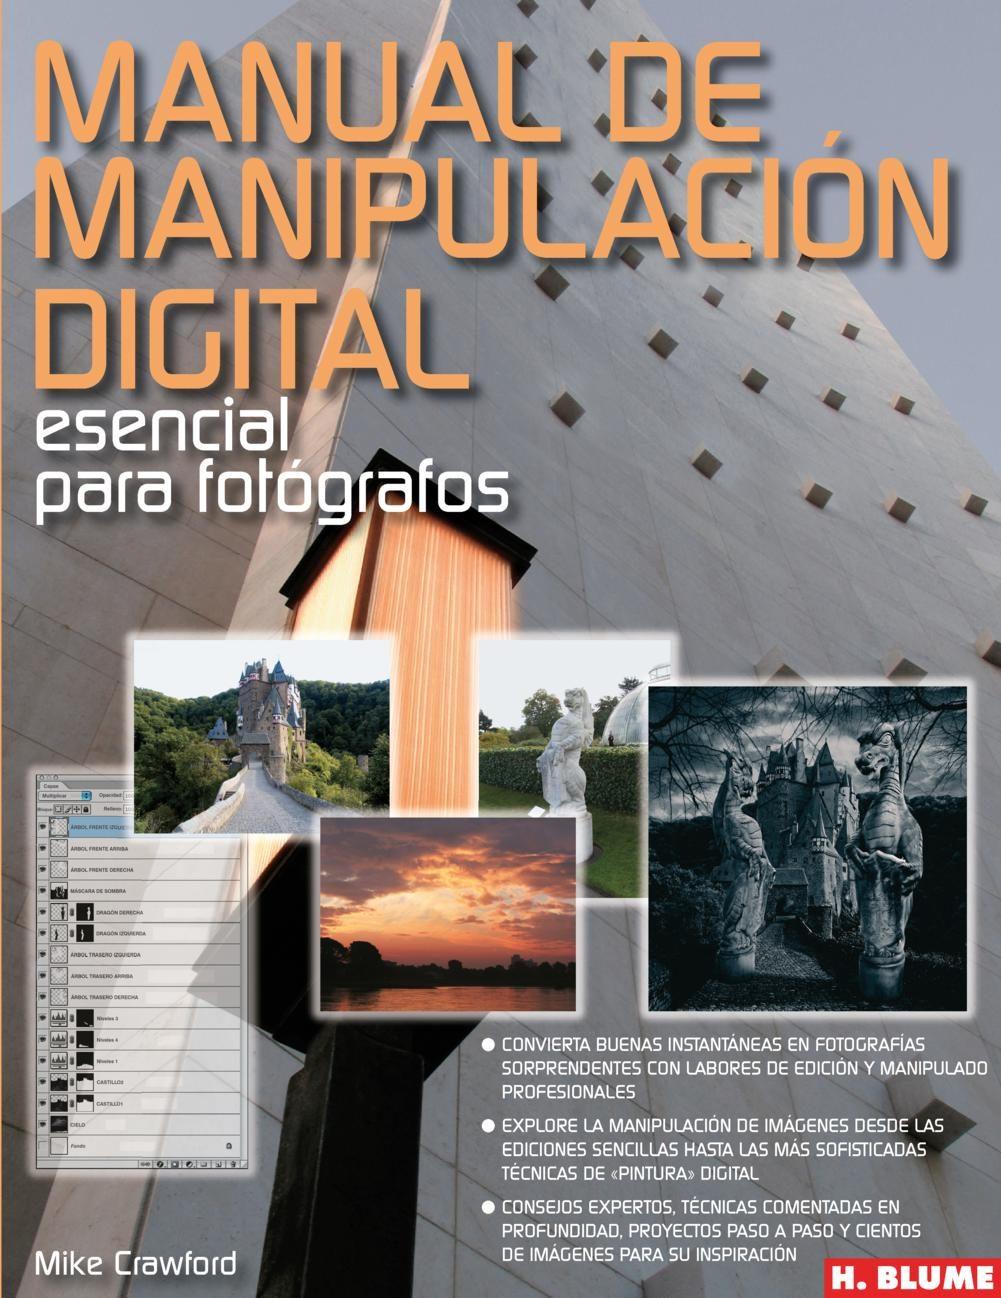 Manual De Manipulación Digital Esencial Para Fotógrafos por Mike Crawford